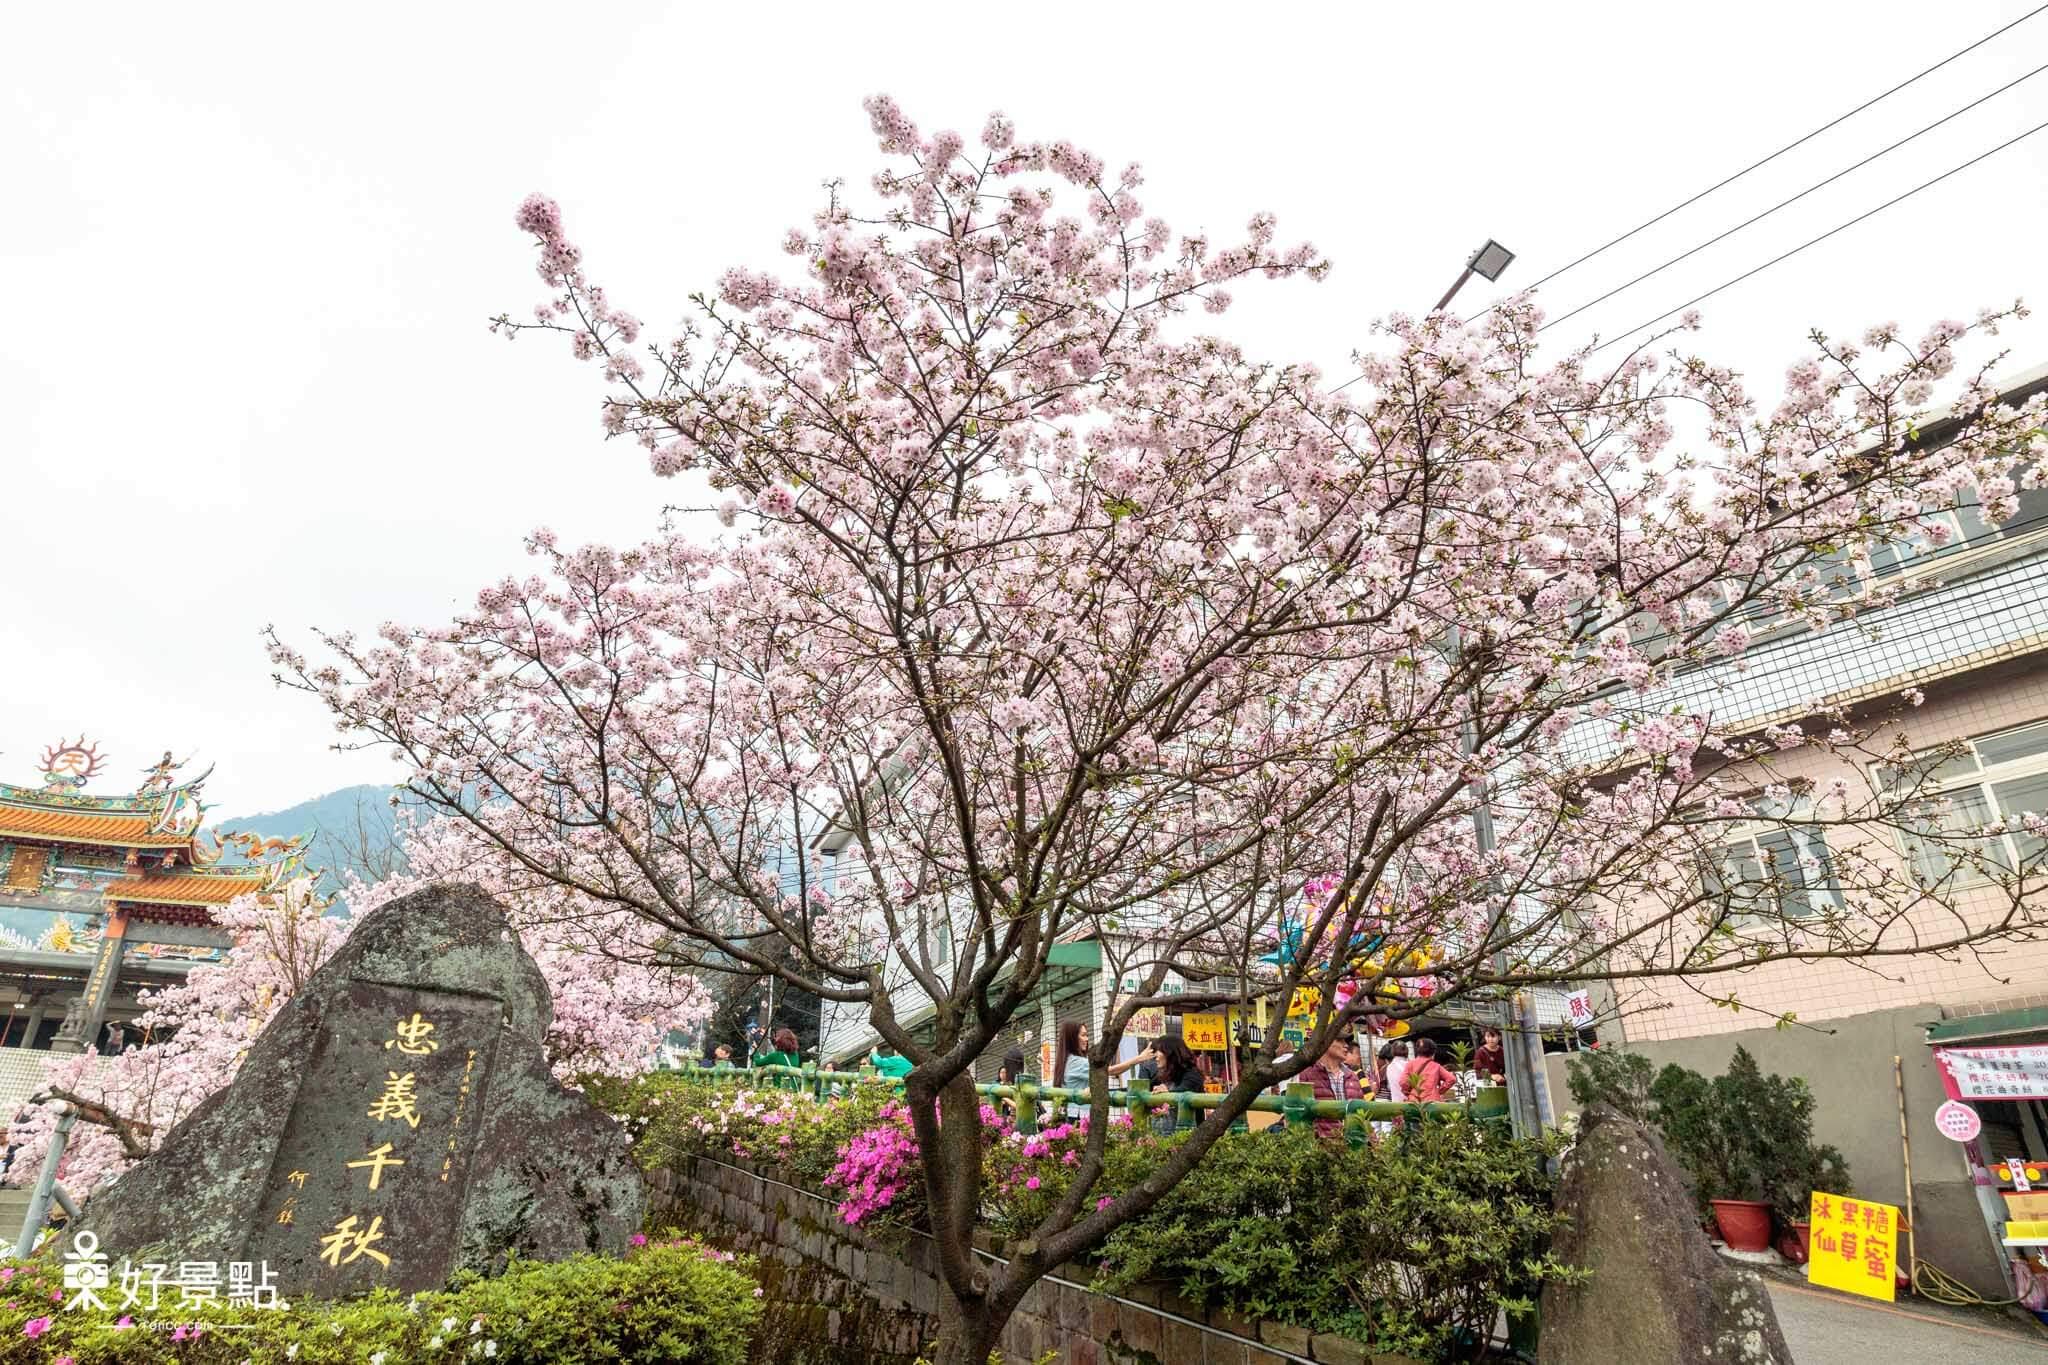  新北。淡水 2018淡水天元宮吉野櫻賞櫻資訊-花都開好了!